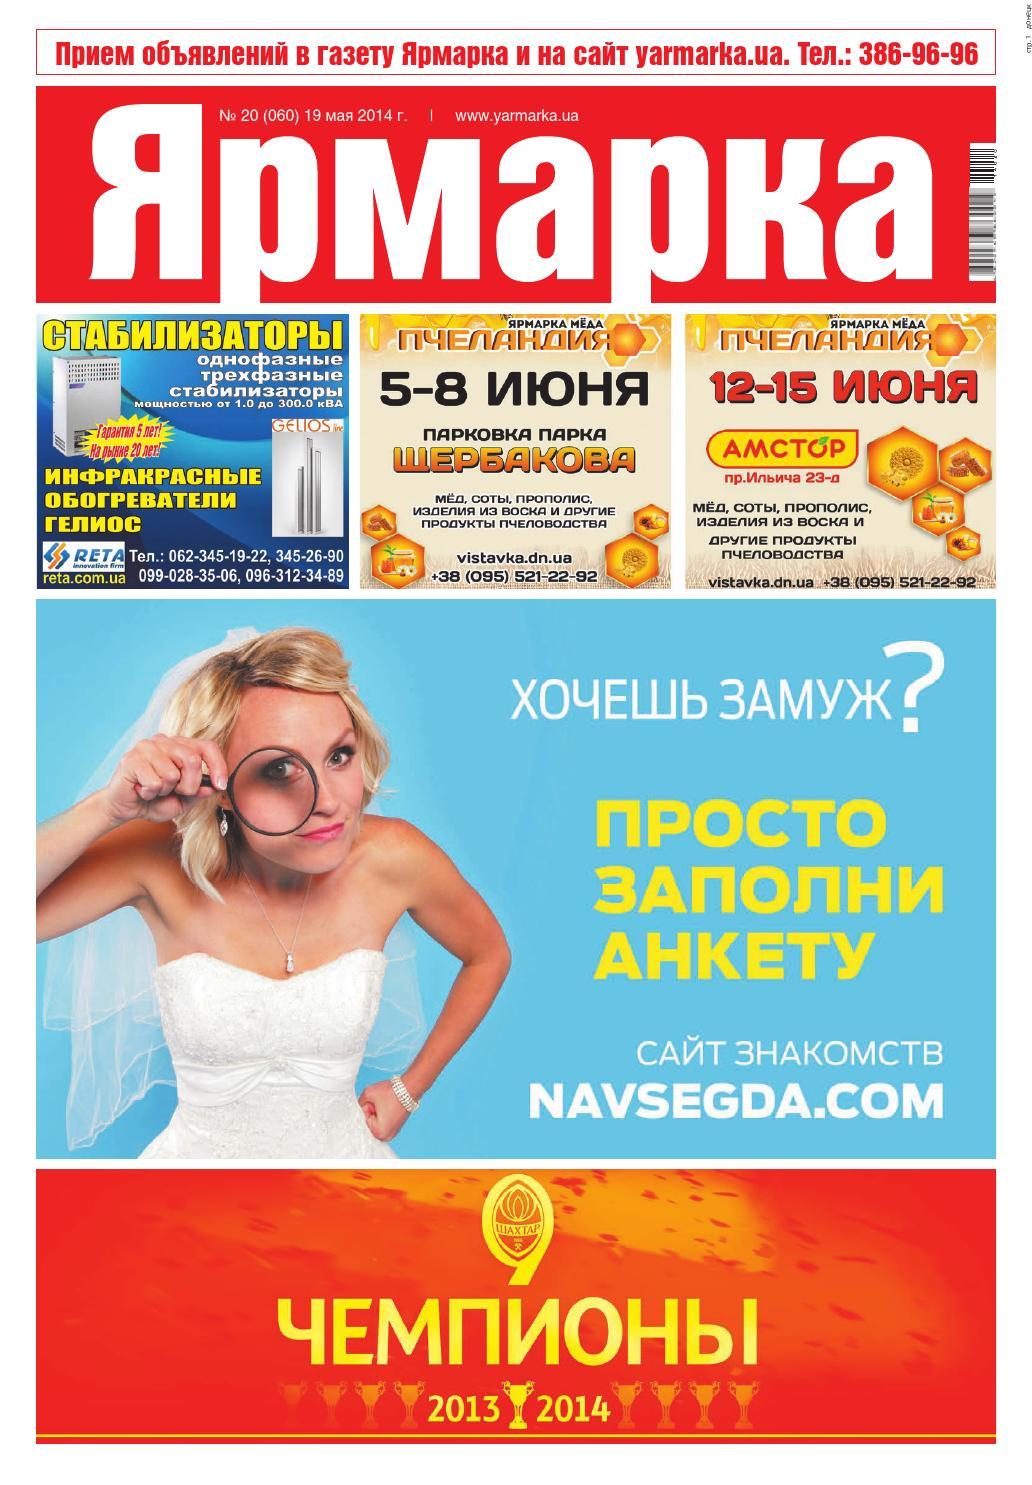 gazeta-yarmarka-kaliningrad-intimniy-massazh